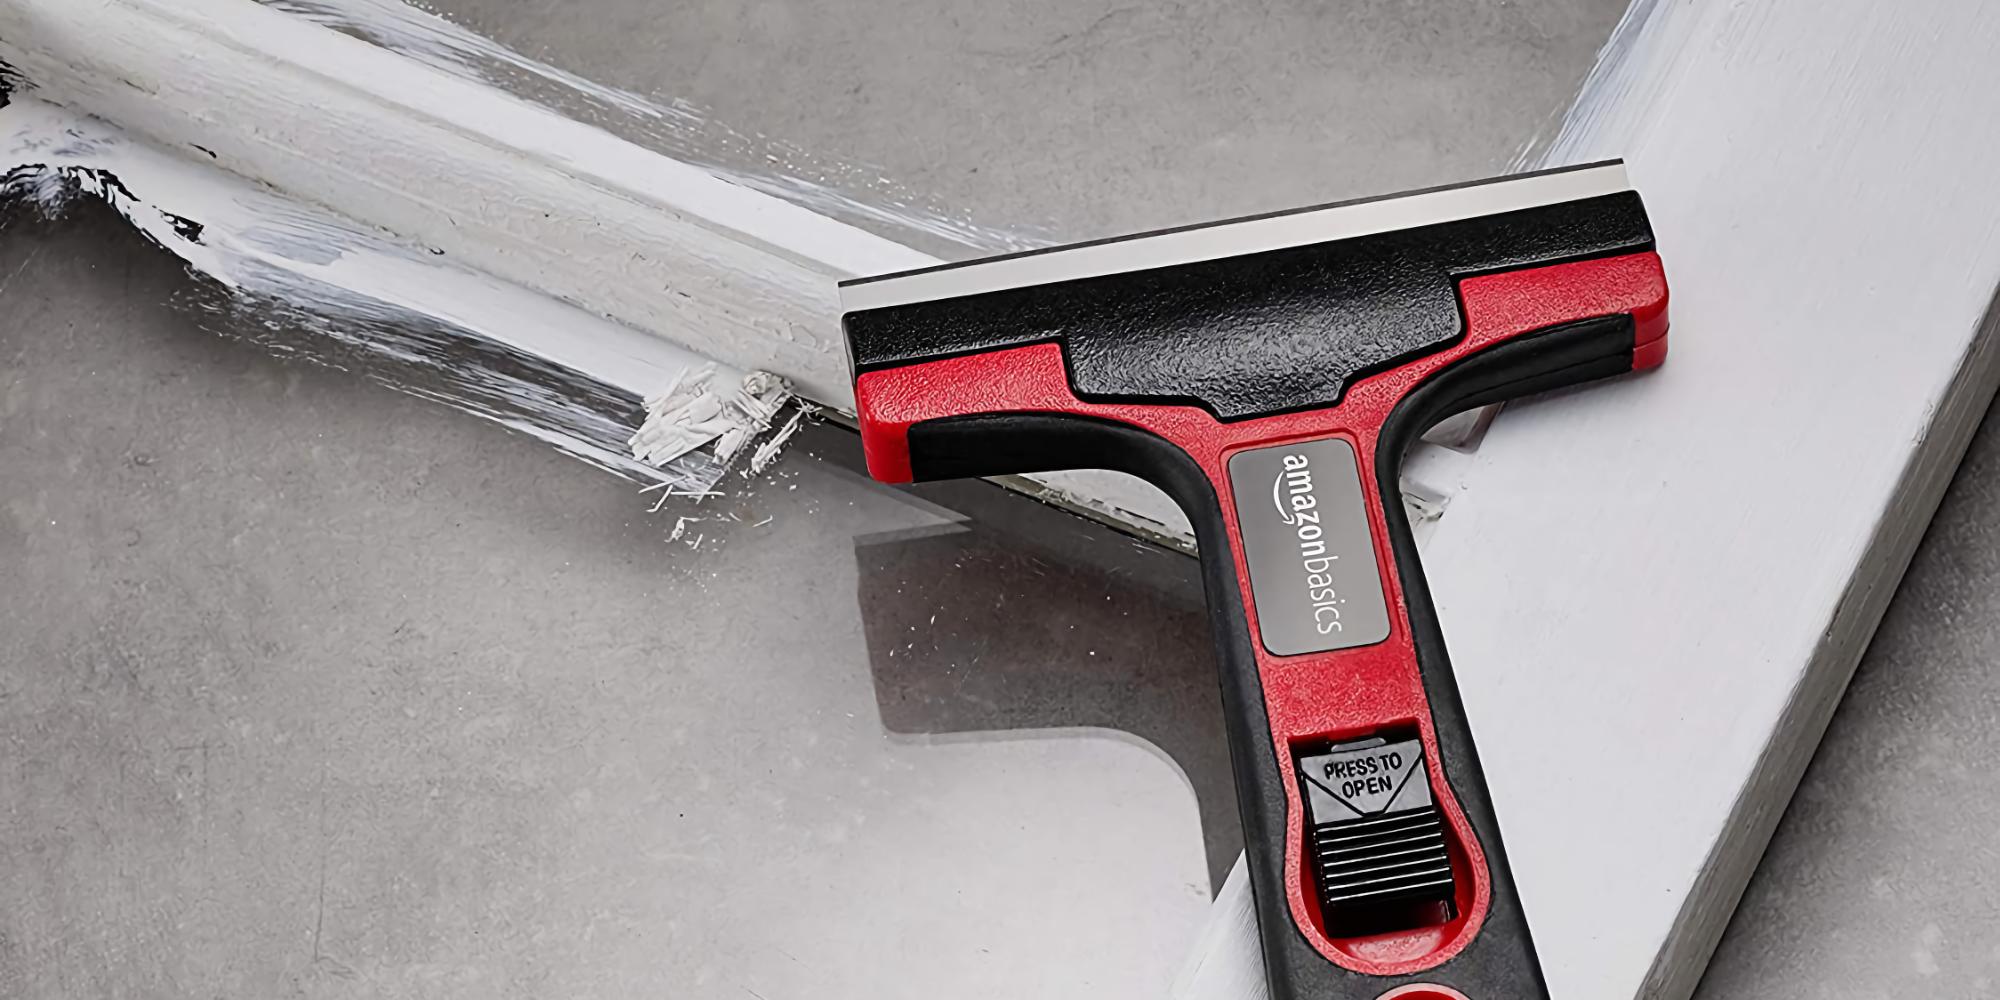 4 inch glass tile scraper